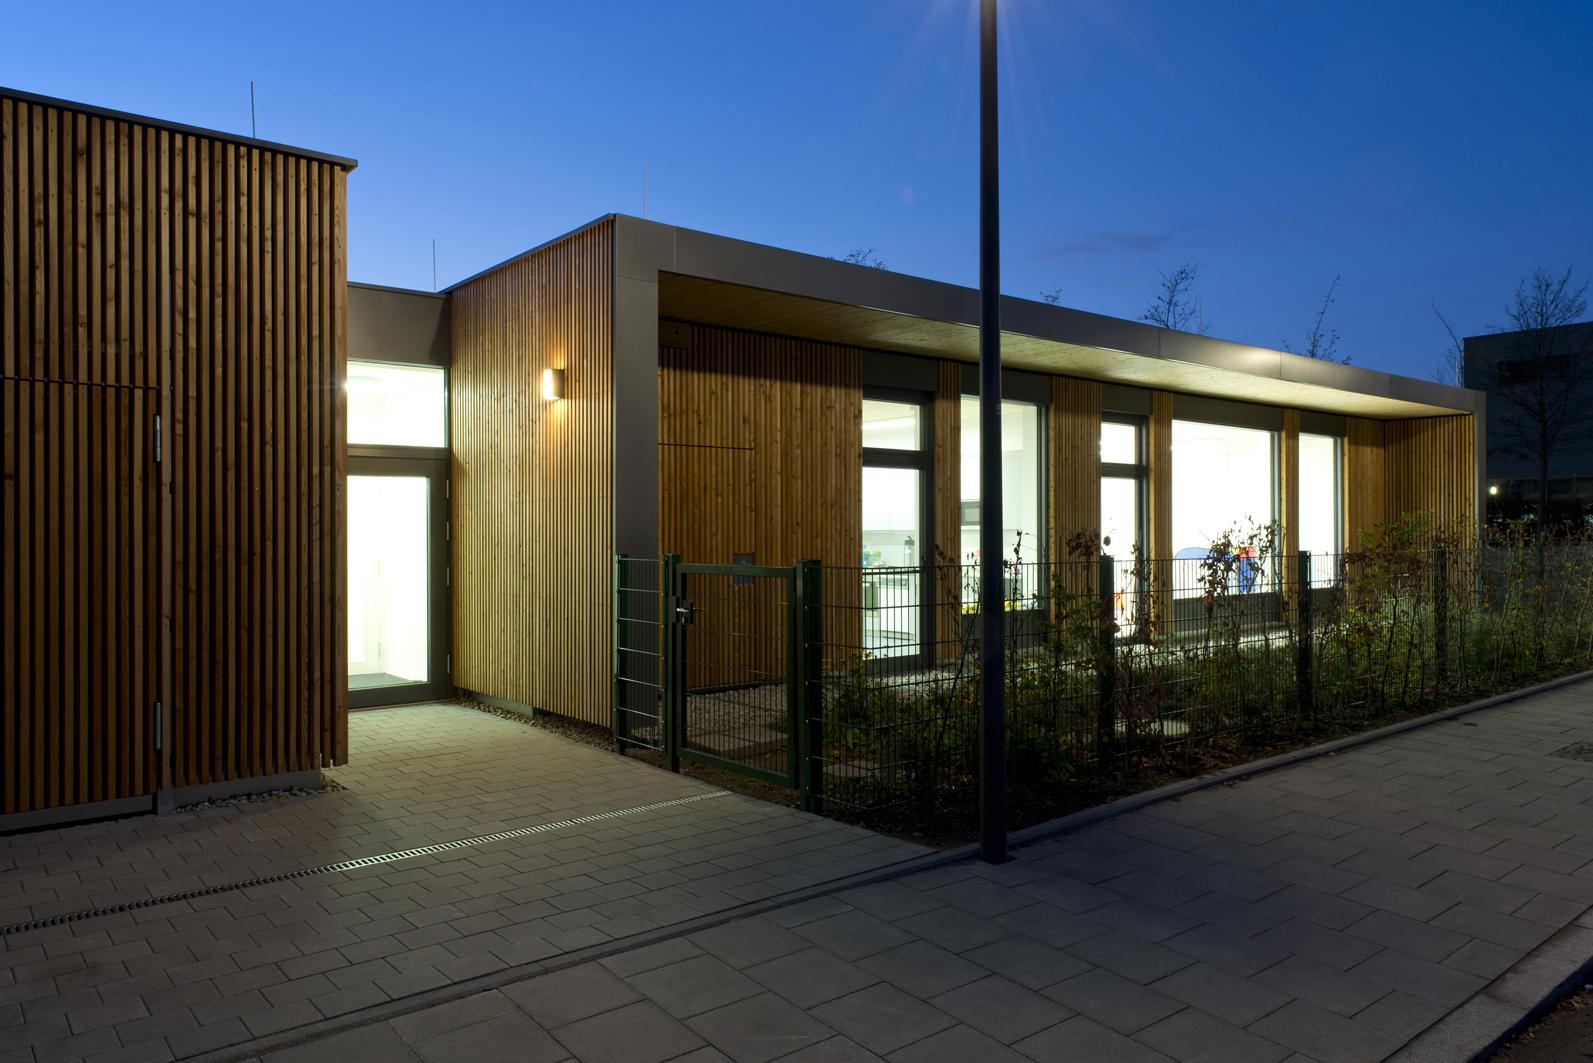 Kindertagesstätte in Riem von S46 Lauterbach Architekten